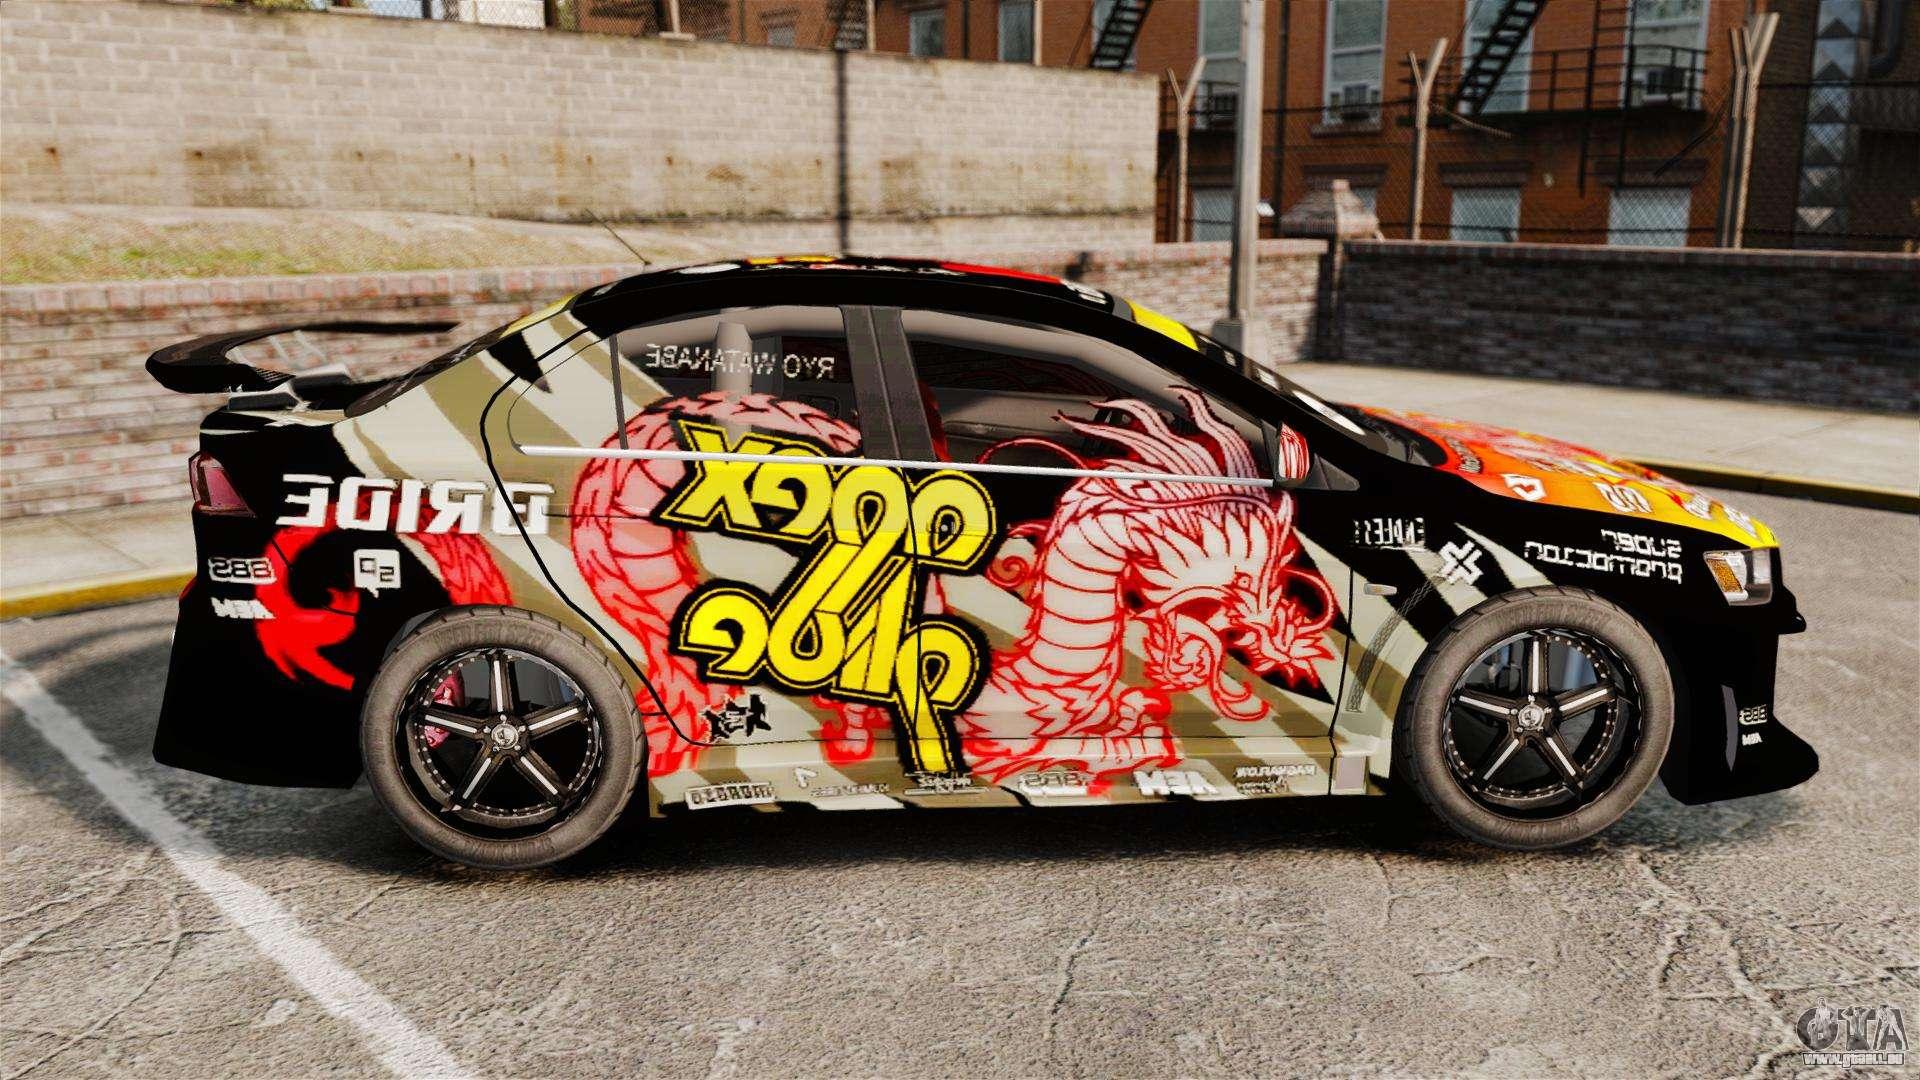 Need for Speed: ProStreet (с англ. — «Жажда скорости: Про-стрит») — компьютерная игра серии  Need for Speed в жанре аркадного автосимулятора, разработанная студиями EA Black Box, Exient Entertainment и IronMonkey и изданная компанией Electronic Arts в 2007 году для...